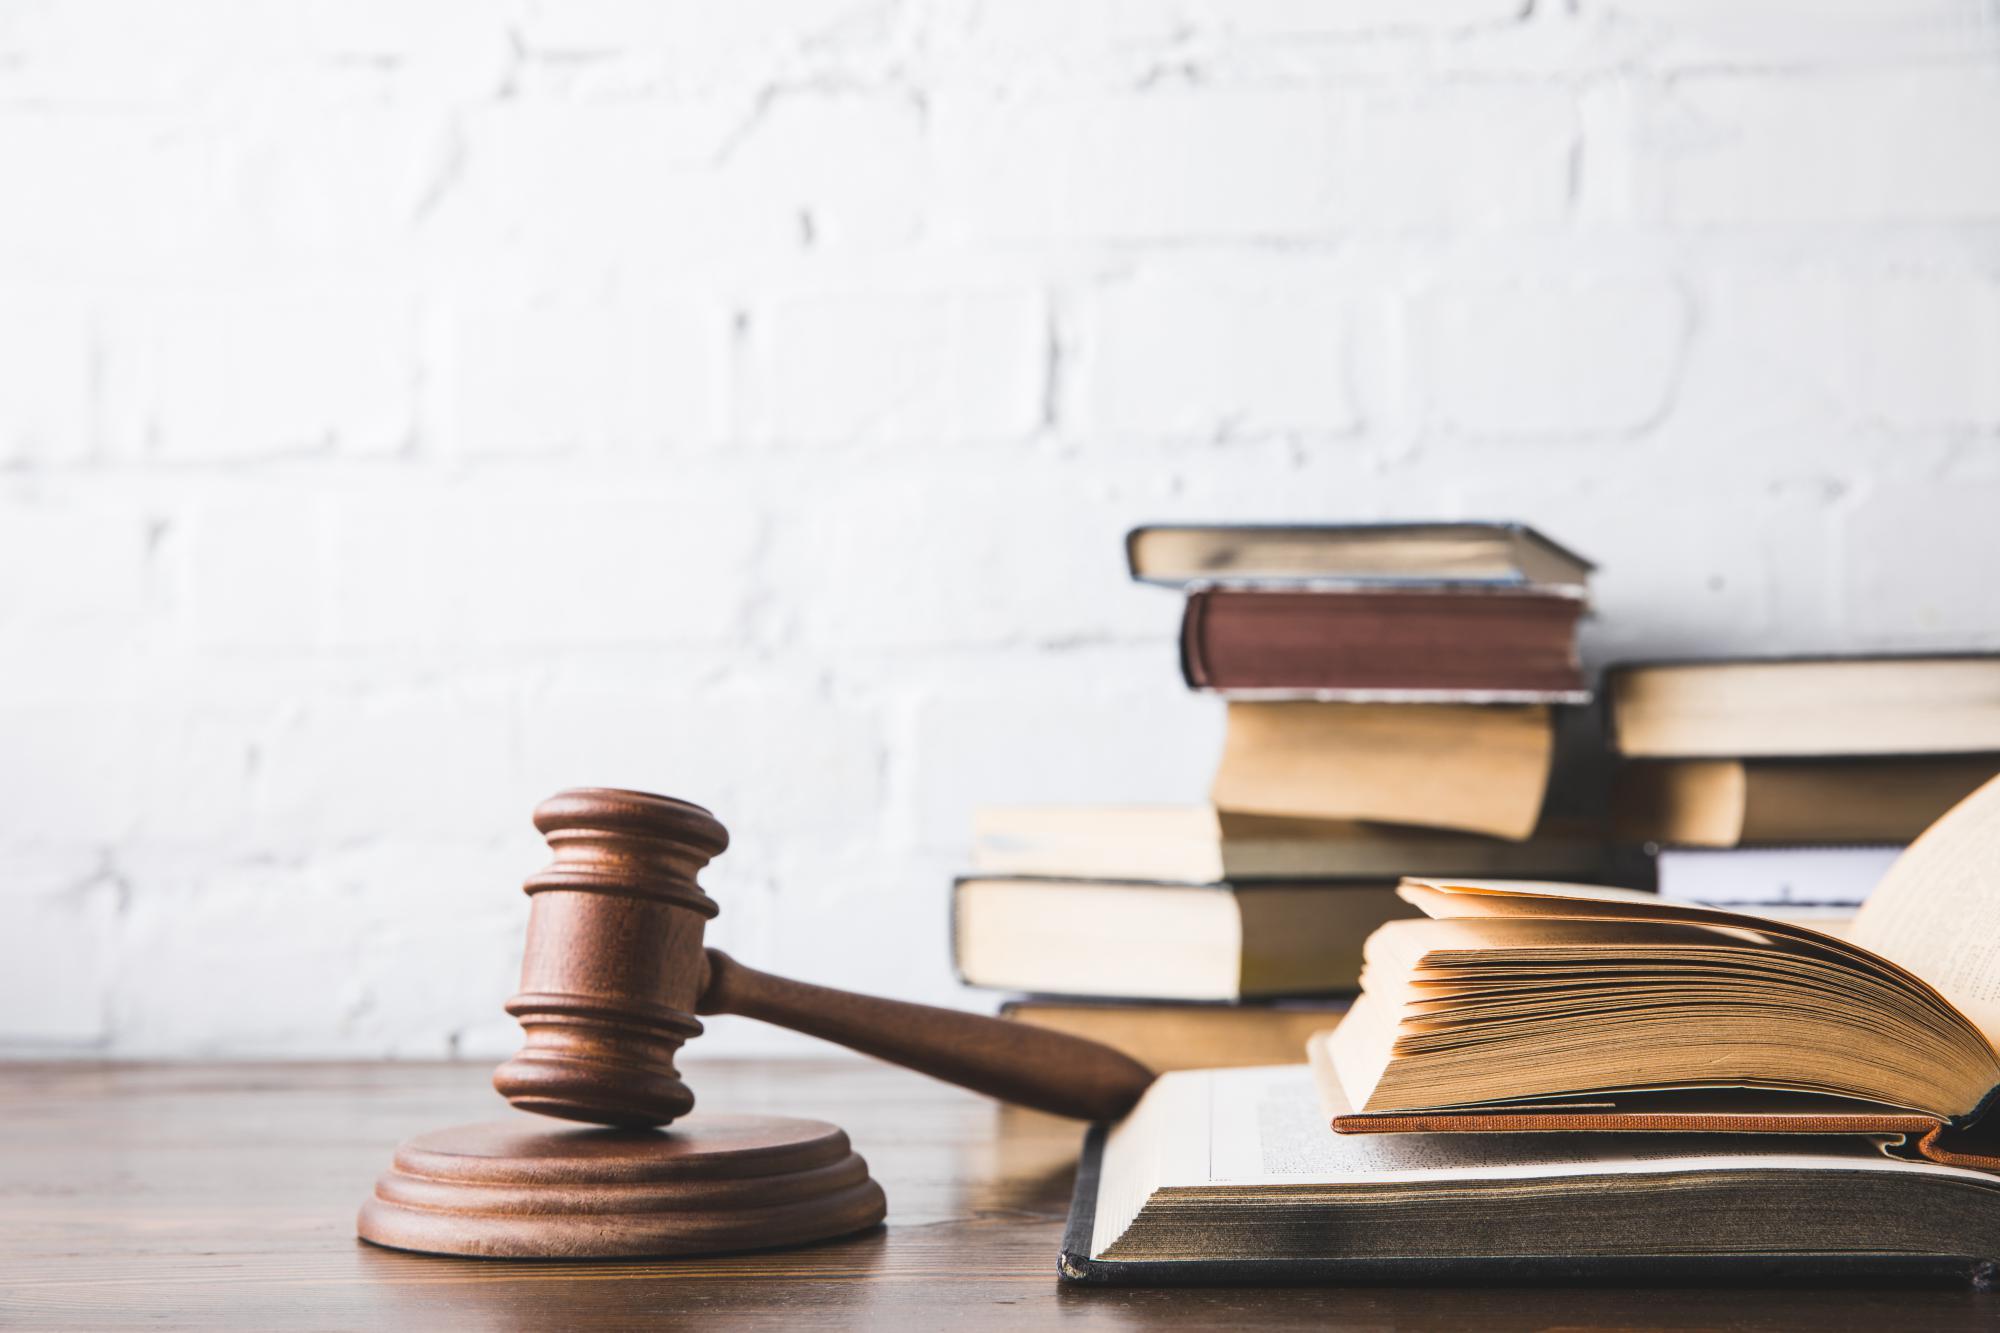 Имущественные споры. Как избежать судебных рисков